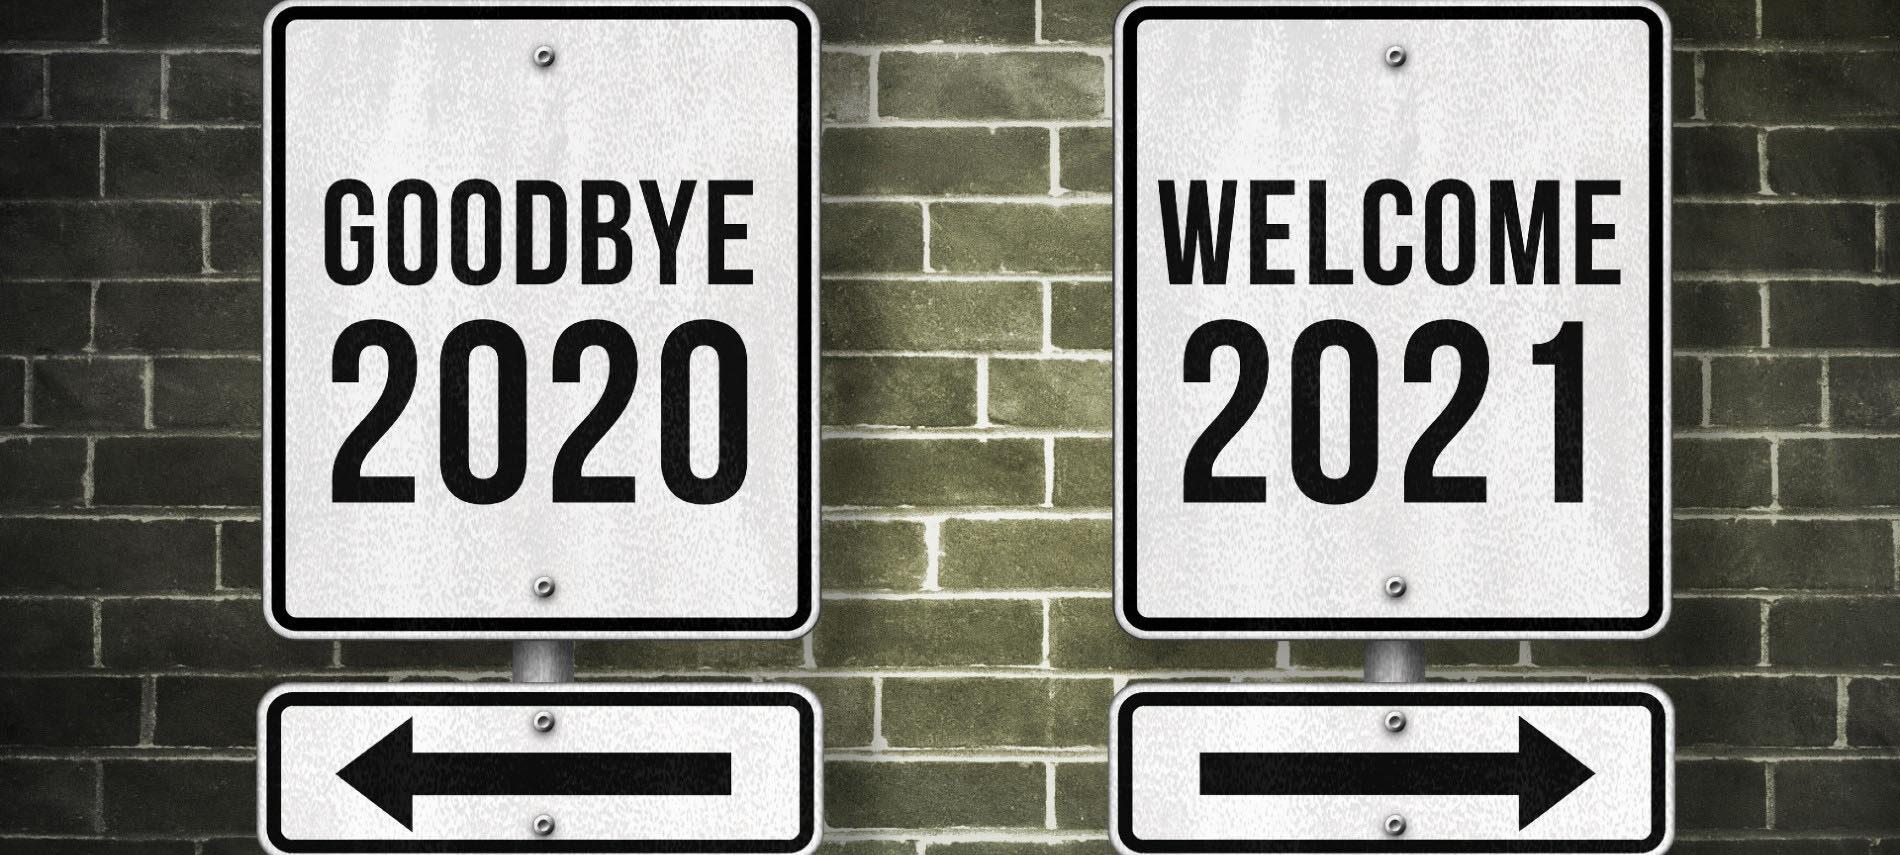 Goodbye 2020, Welcome 2021